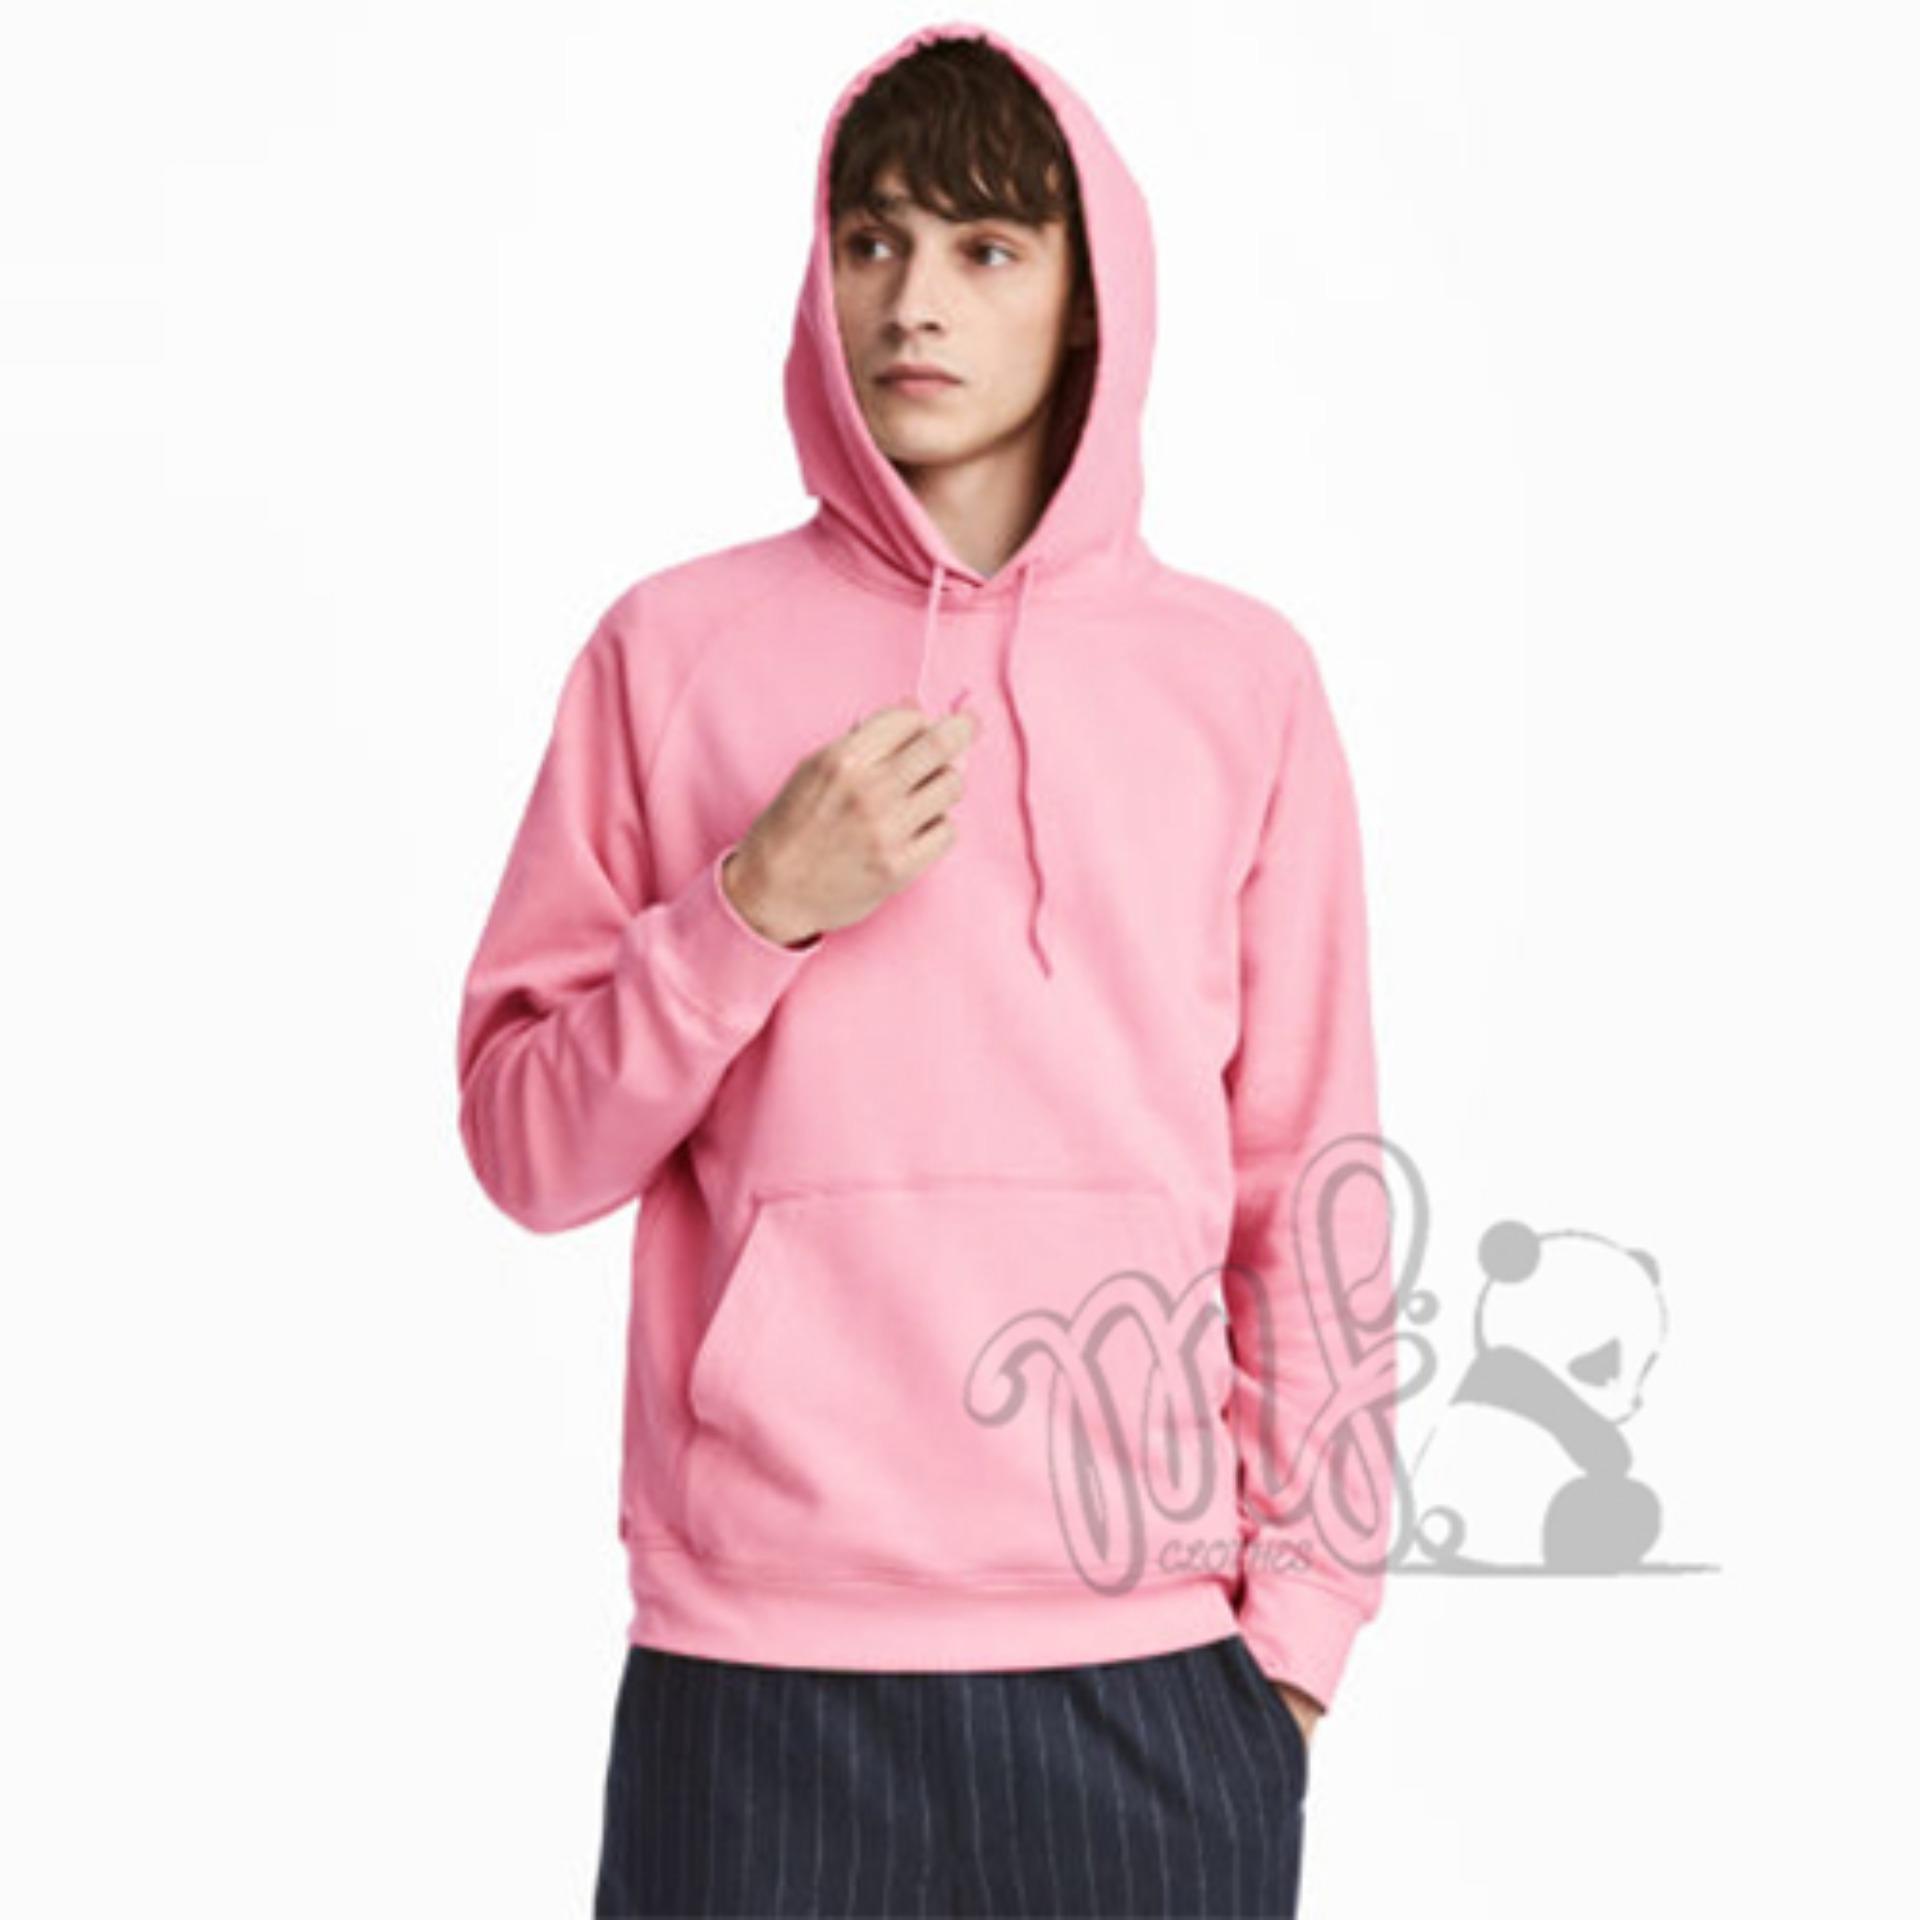 Beli Jaket Sweater Hoodie Jumper Polos Pink Pake Kartu Kredit